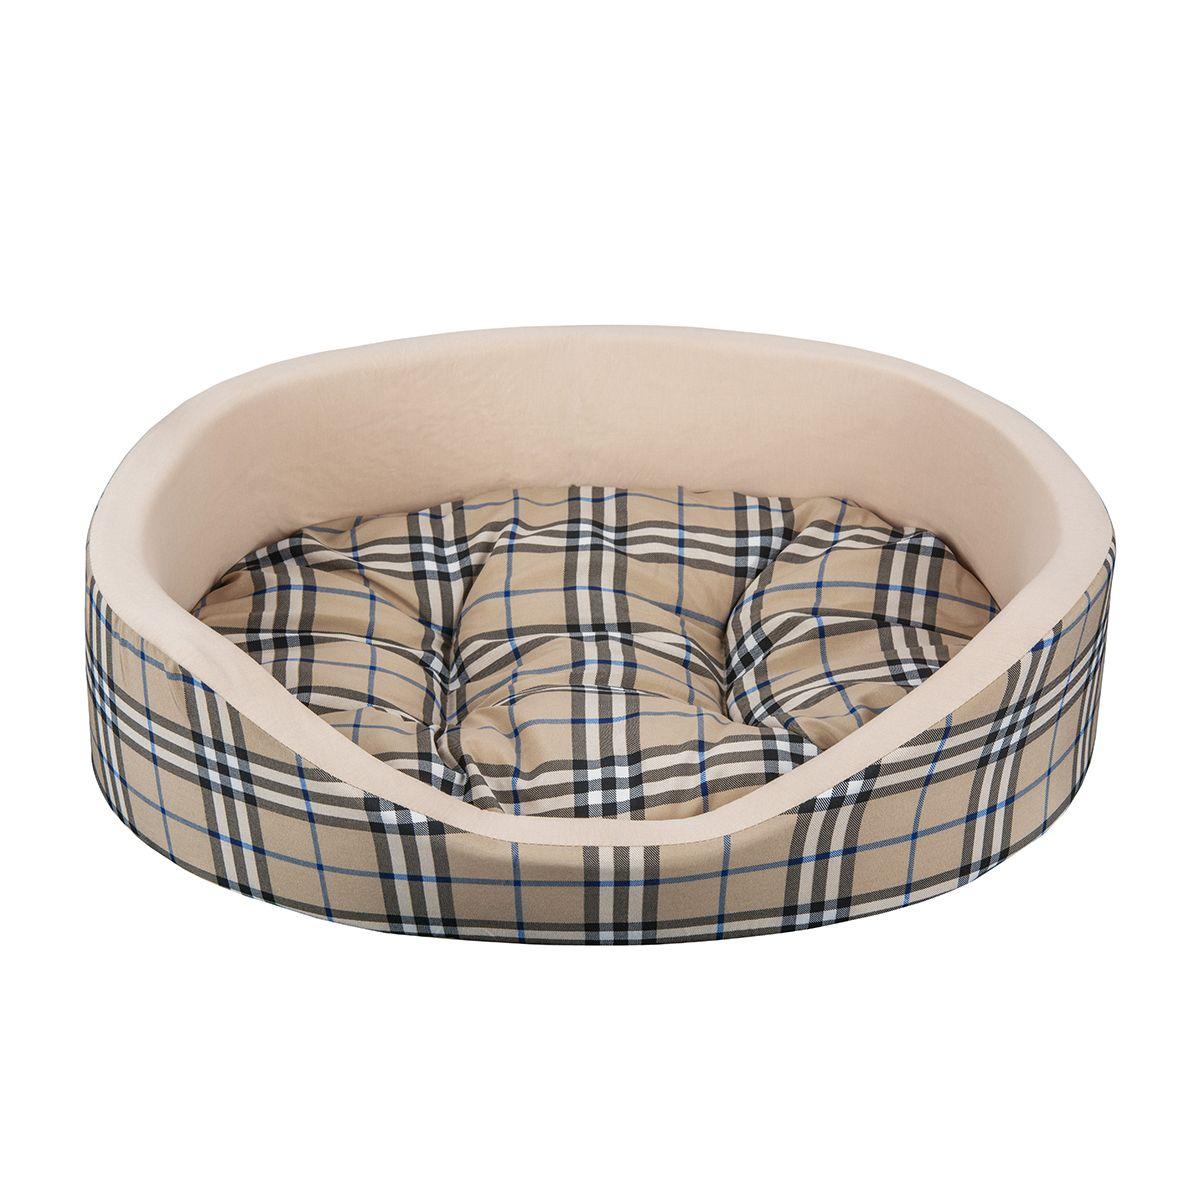 Лежак для животных Dogmoda Клетка, 48 х 39 х 15 см0120710Лежак для животных Dogmoda Клетка прекрасно подойдет для отдыха вашего домашнего питомца. Предназначен для кошек и собак мелких и средних пород. Изделие выполнено из хлопка с принтом в клетку. Внутри - мягкий наполнитель из поролона, который обеспечивает комфорт и уют. Лежак снабжен съемной подушкой с холлофайбером внутри. Комфортный и уютный лежак обязательно понравится вашему питомцу, животное сможет там отдохнуть и выспаться. Высокий уровень комфорта, спокойный благородный цвет и мягкость сделают этот лежак любимым местом отдыха вашего питомца.